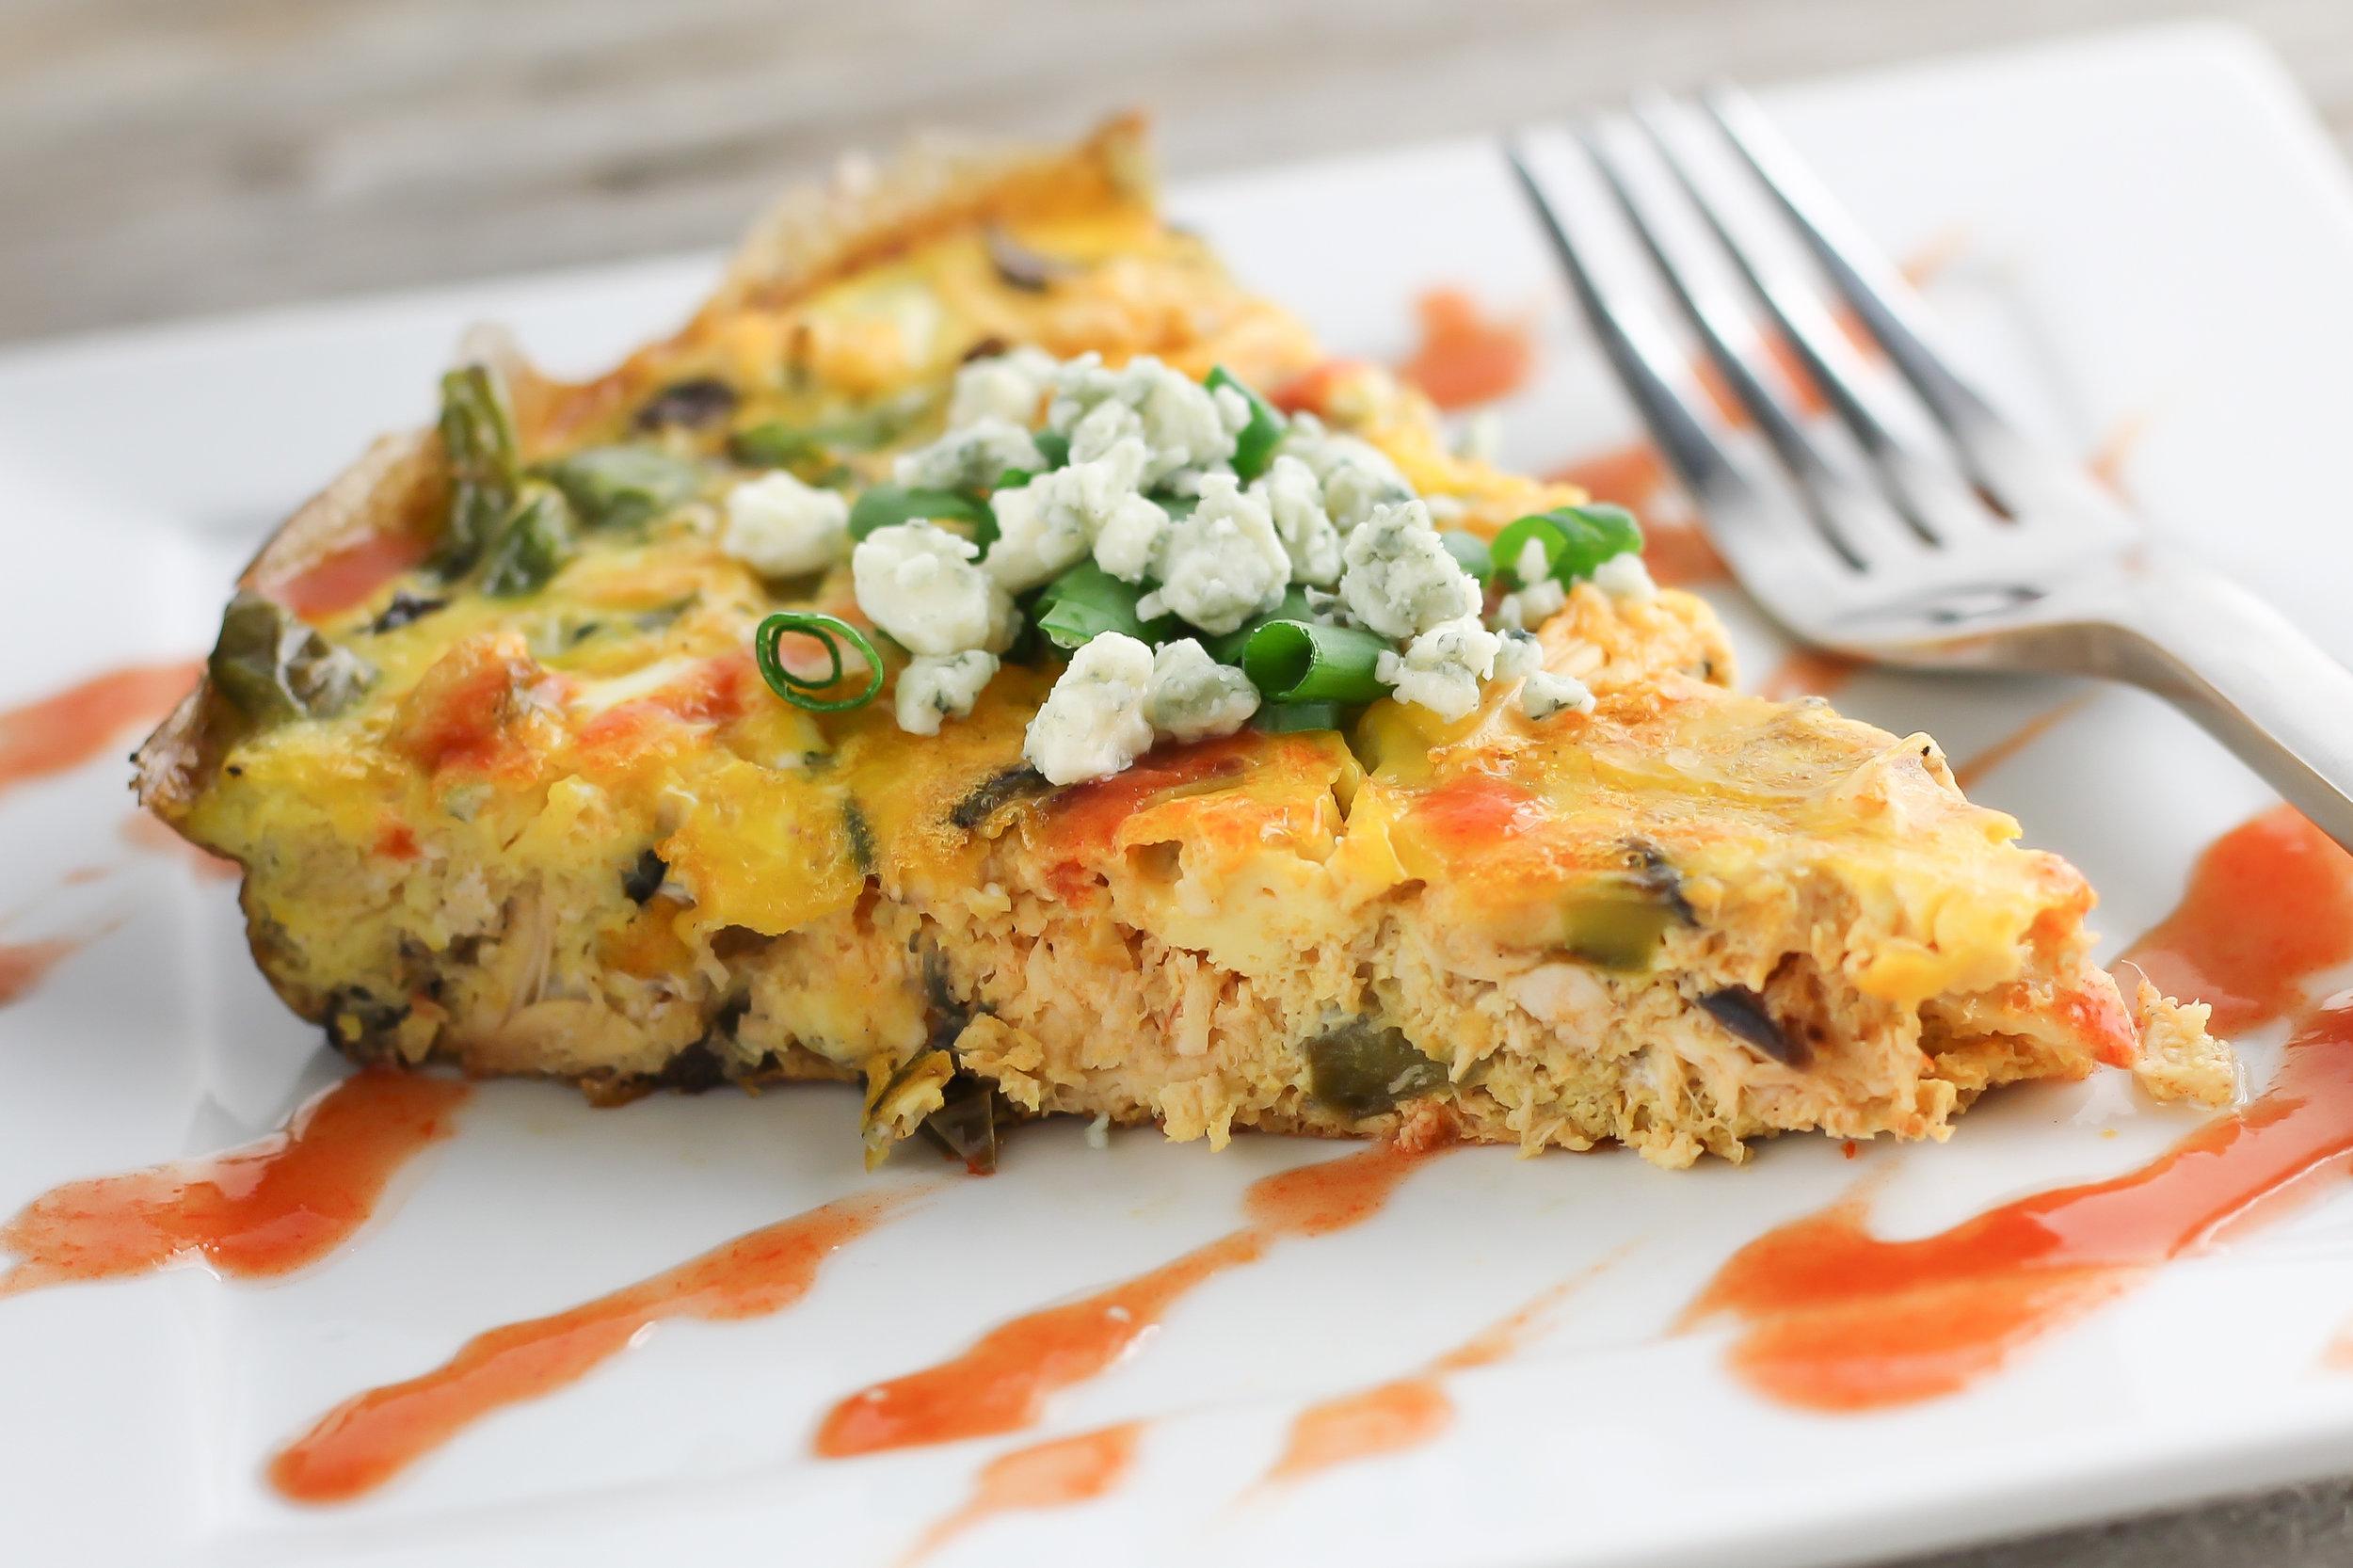 egg bake, homemade, delicious, yummy, buffalo, nutrition, definefettle, nutrient dense